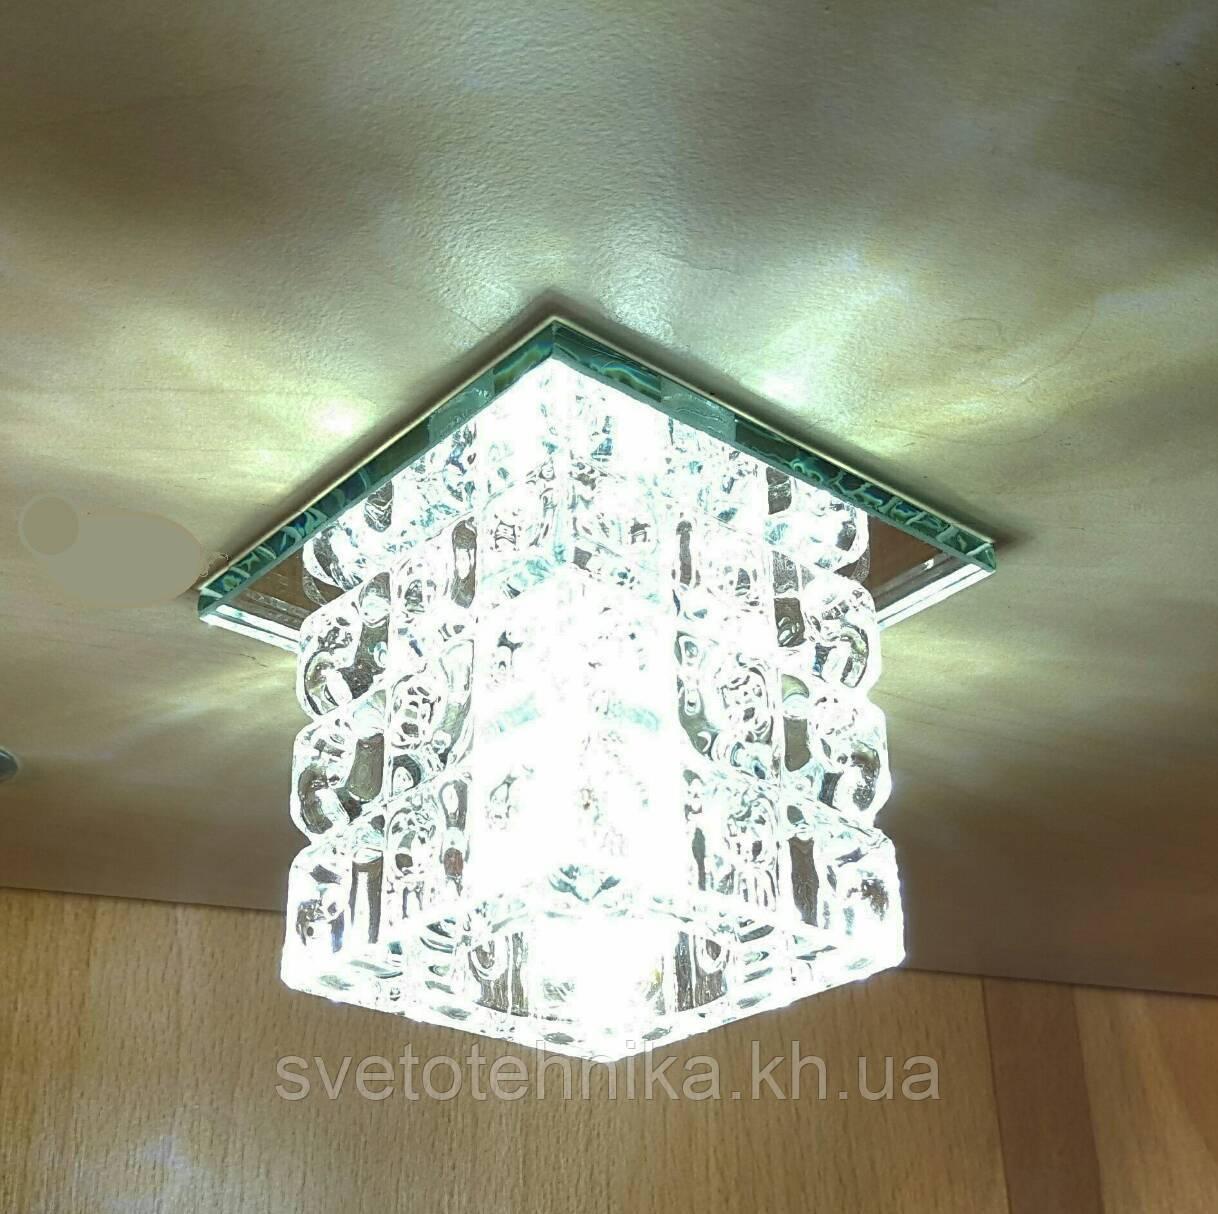 Світильник точковий декоративний з кристалом Z-Light ZA073 хром